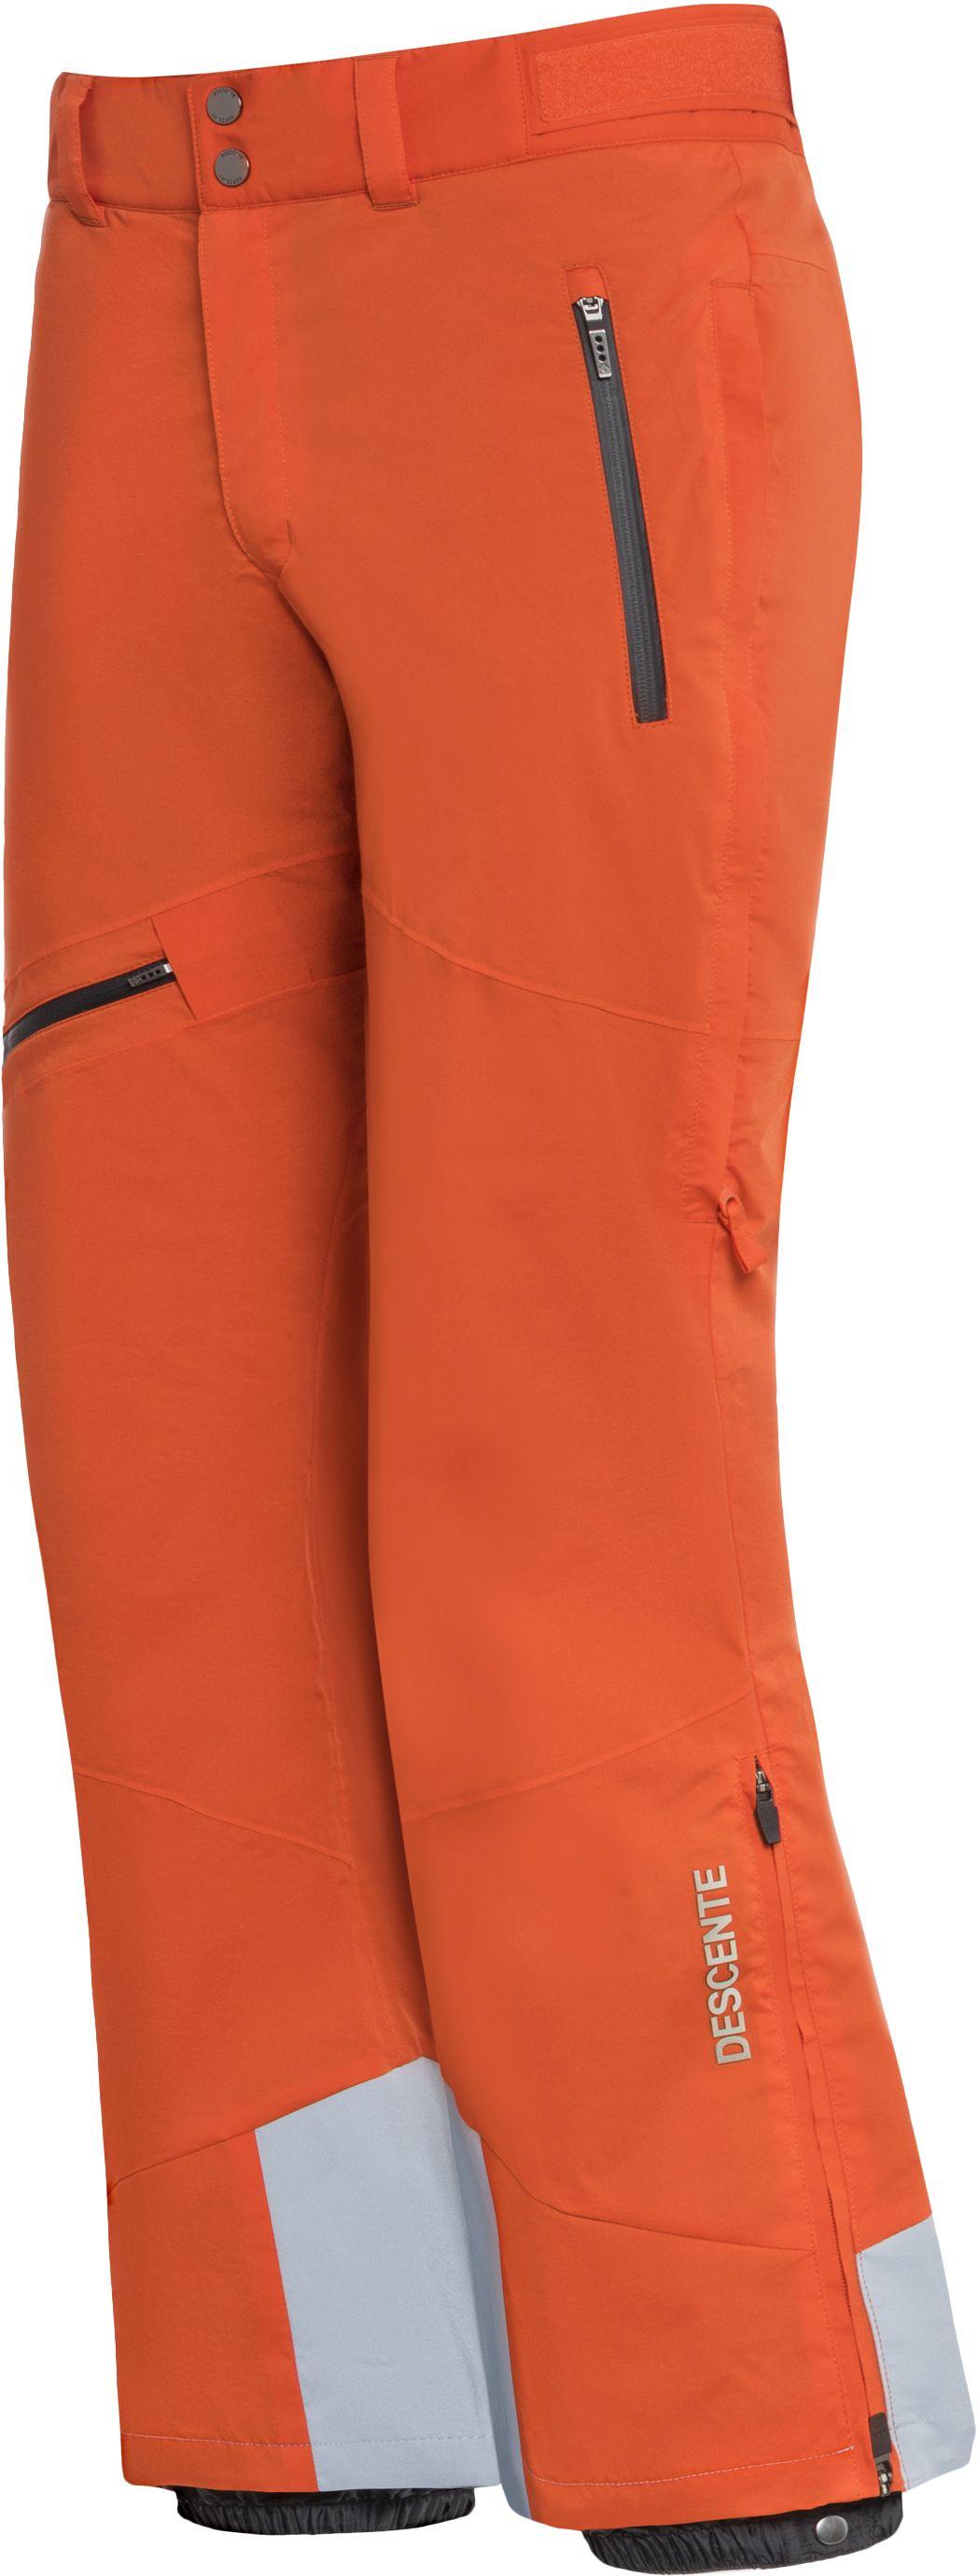 Descente Cid CPCP Pants - orange XL